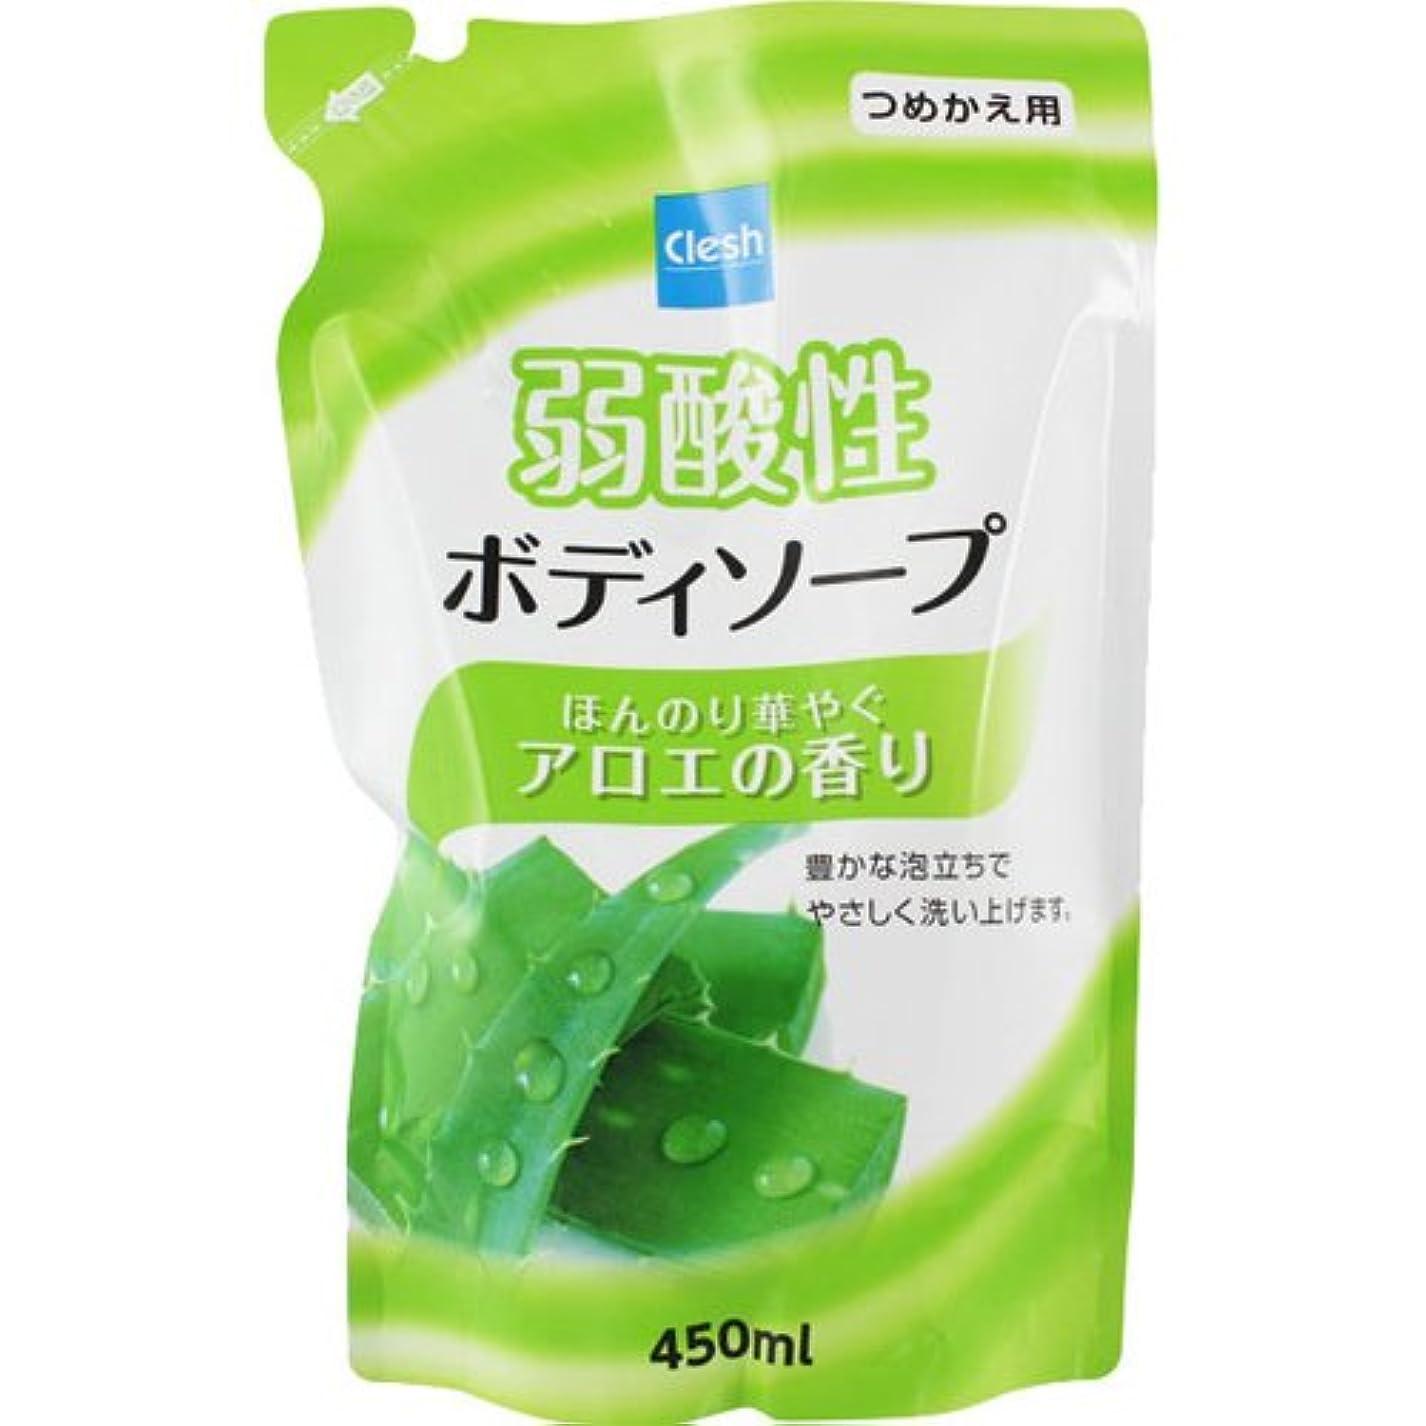 タッチクリアルアーClesh(クレシュ) 弱酸性ボディソープ アロエの香り つめかえ用 450ml